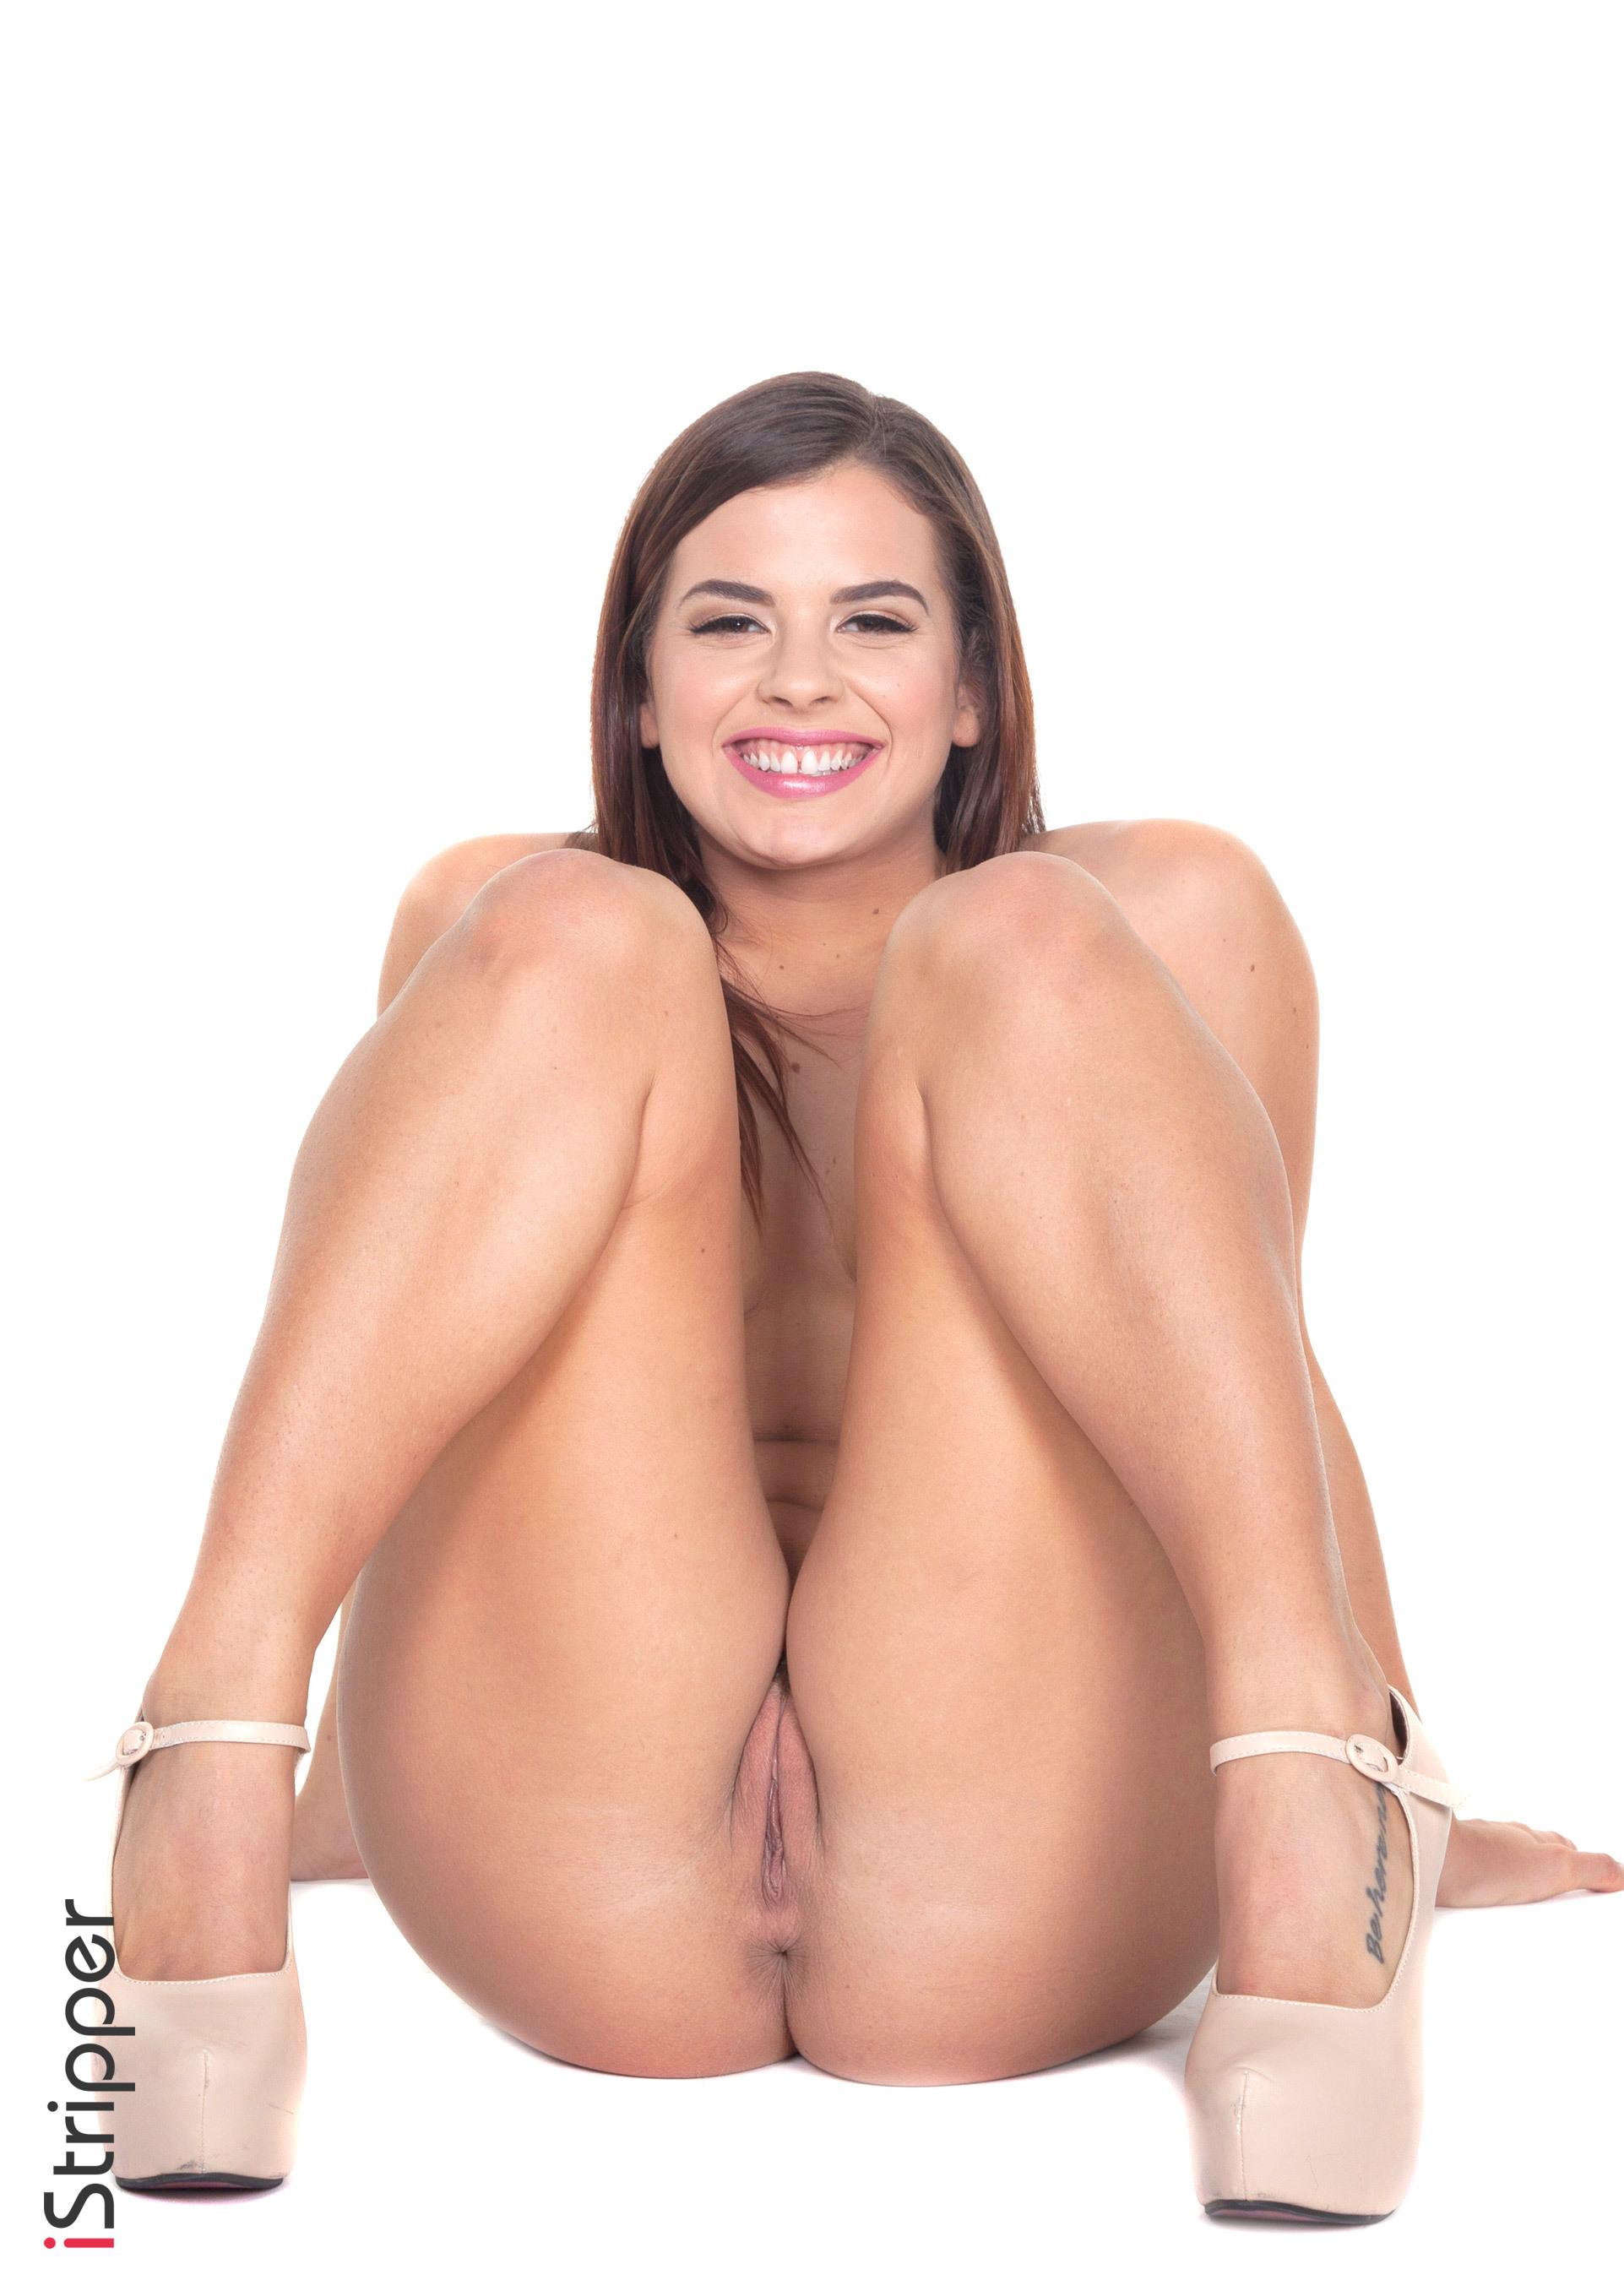 hot lingerie wallpaper